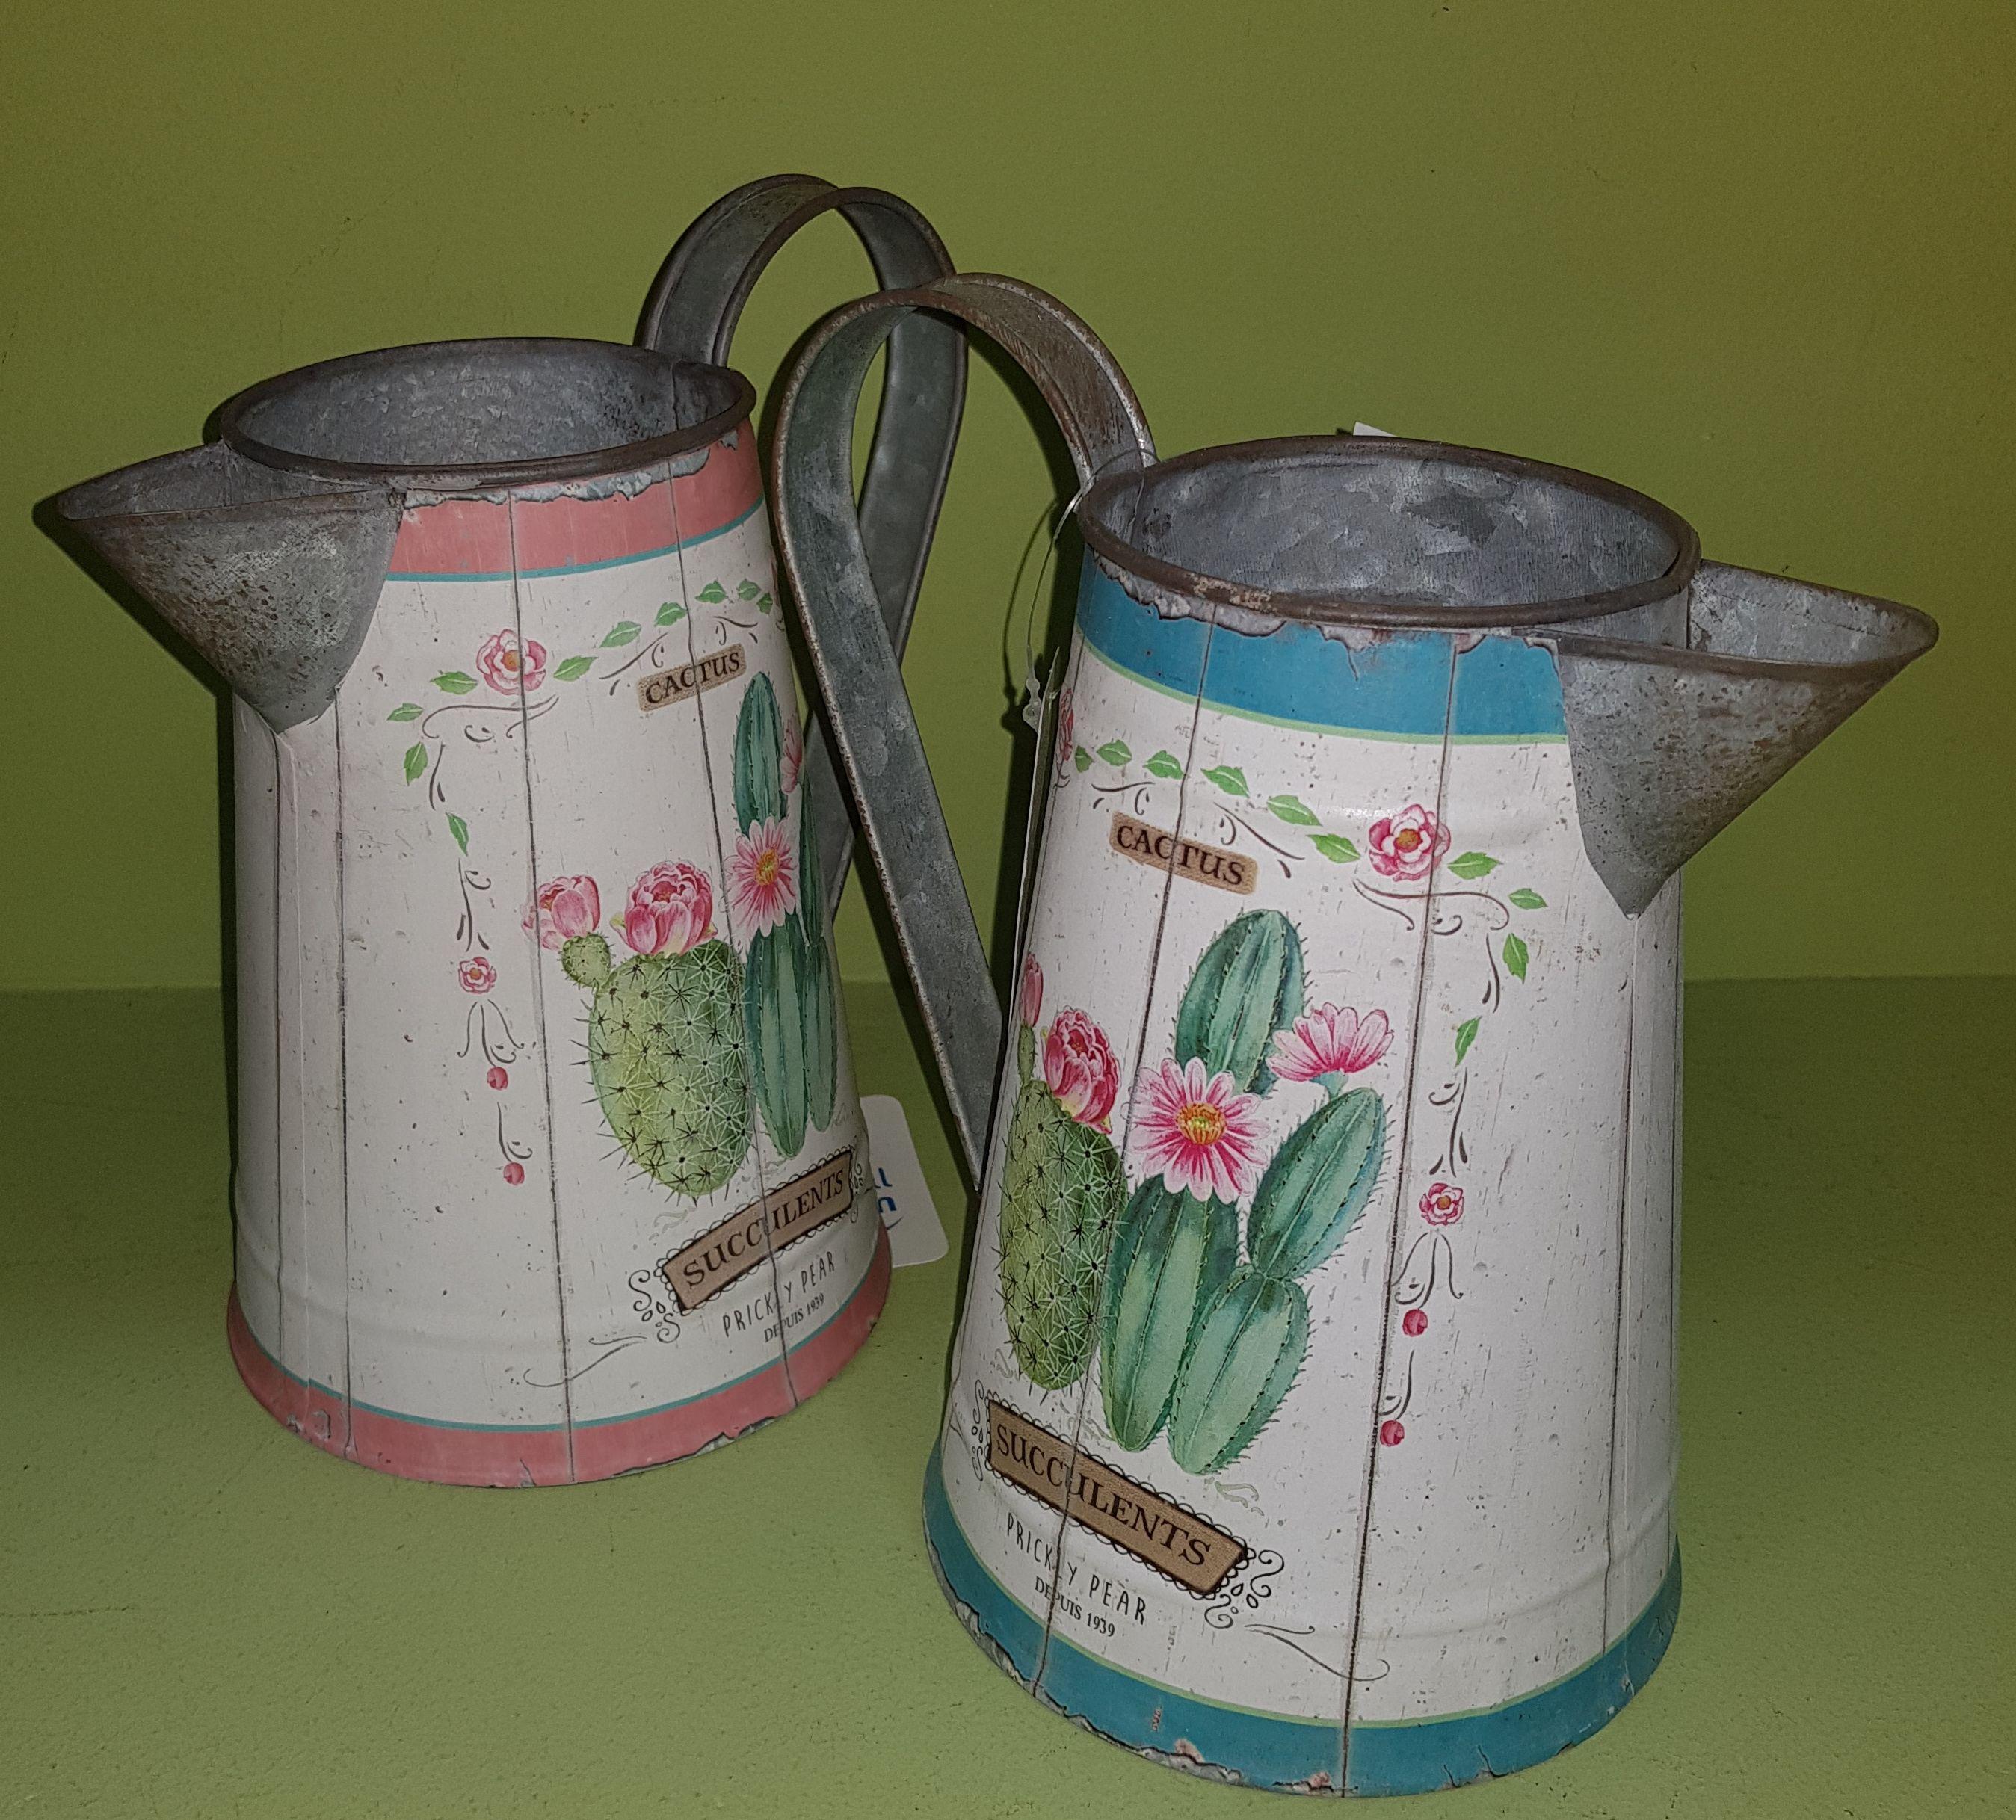 Complementos y accesorios para hogar Pozuelo de Alarcón